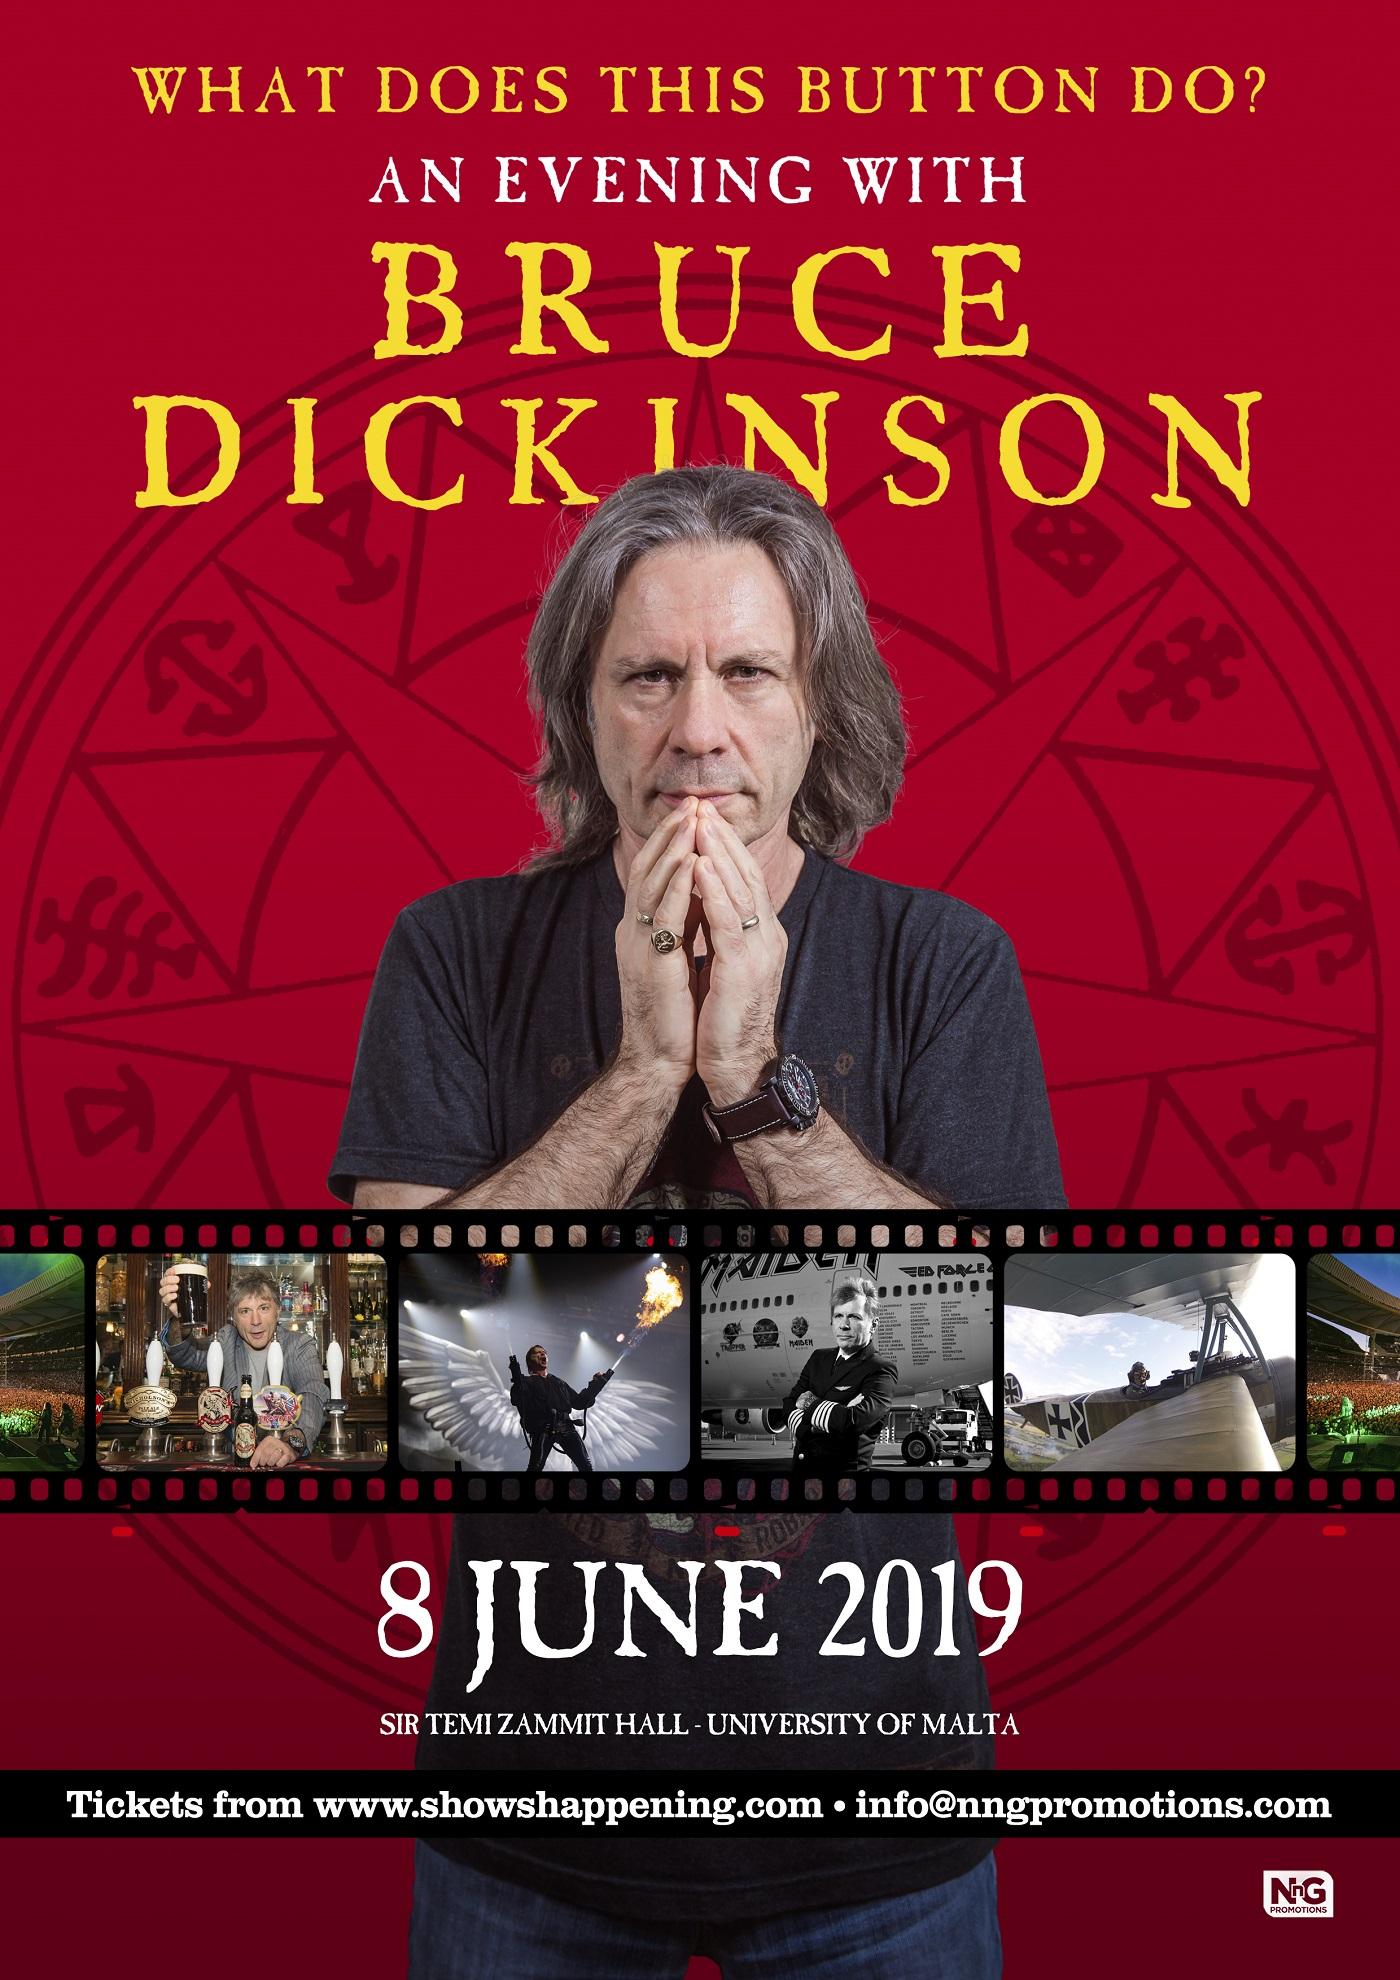 Bruce Dickinson flyer